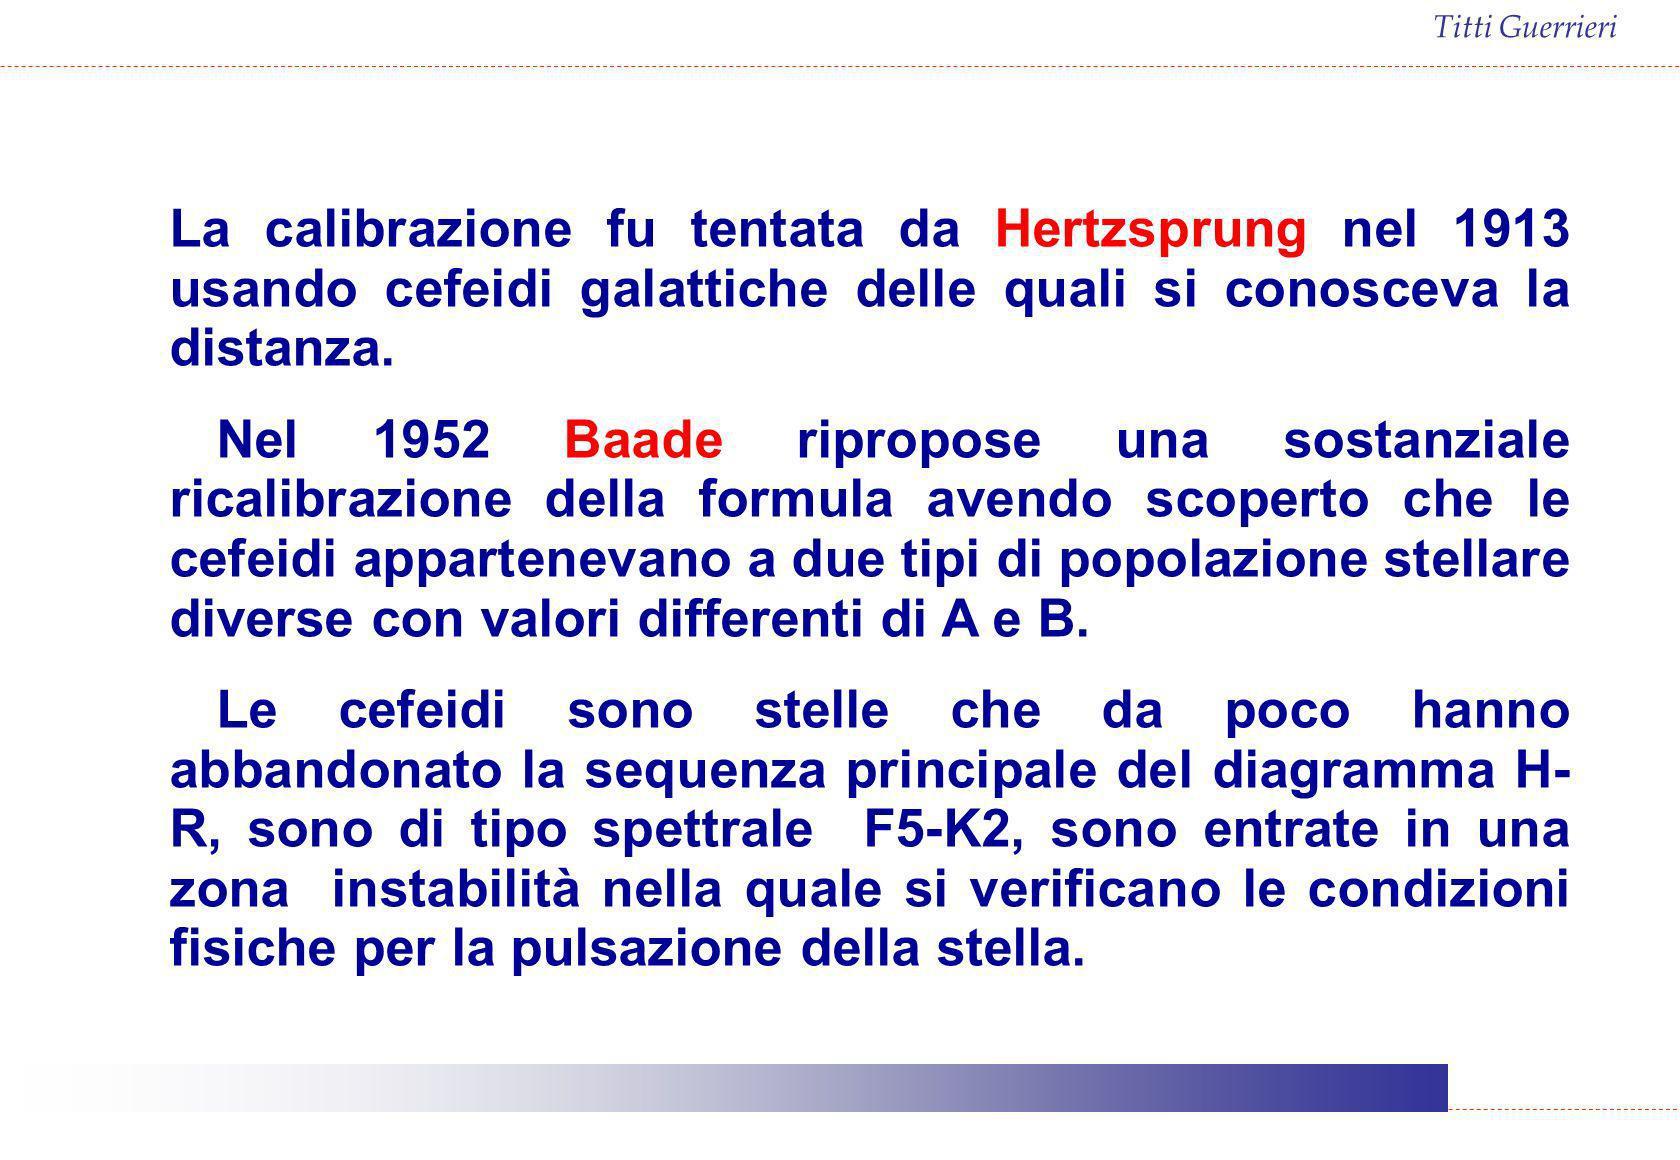 La calibrazione fu tentata da Hertzsprung nel 1913 usando cefeidi galattiche delle quali si conosceva la distanza.